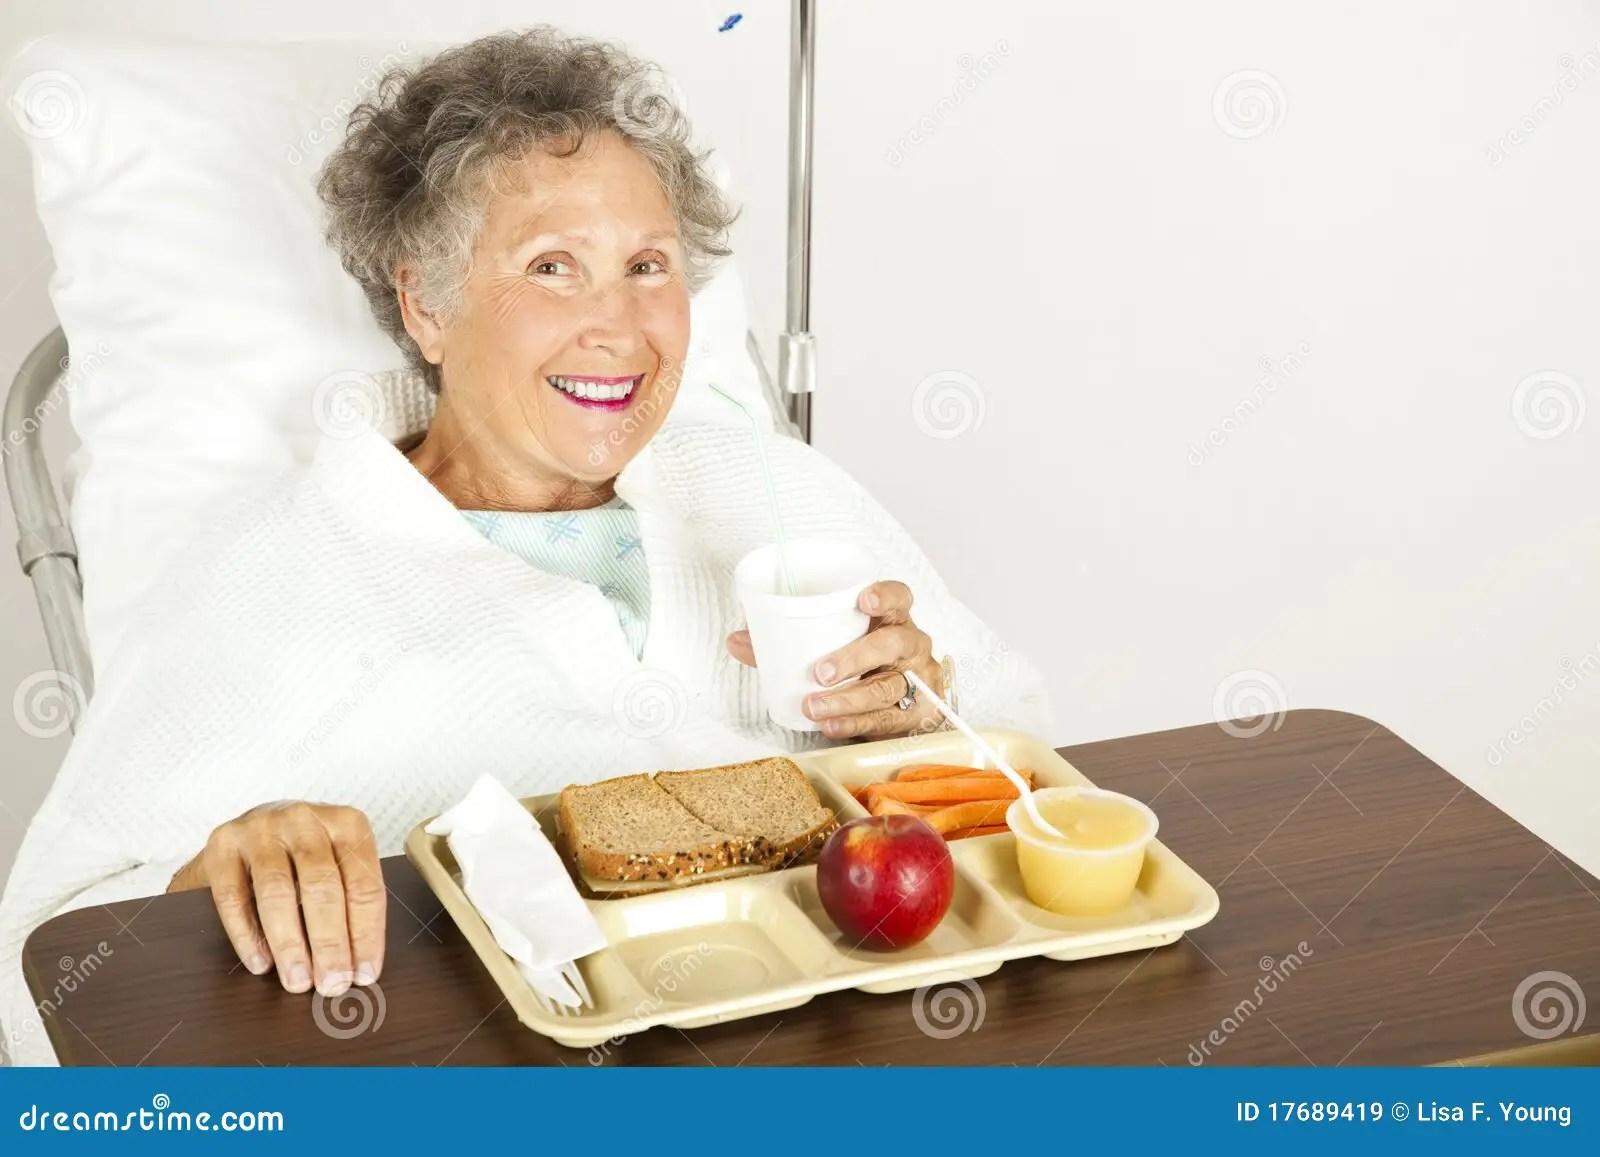 Enjoying Hospital Food Royalty Free Stock Images